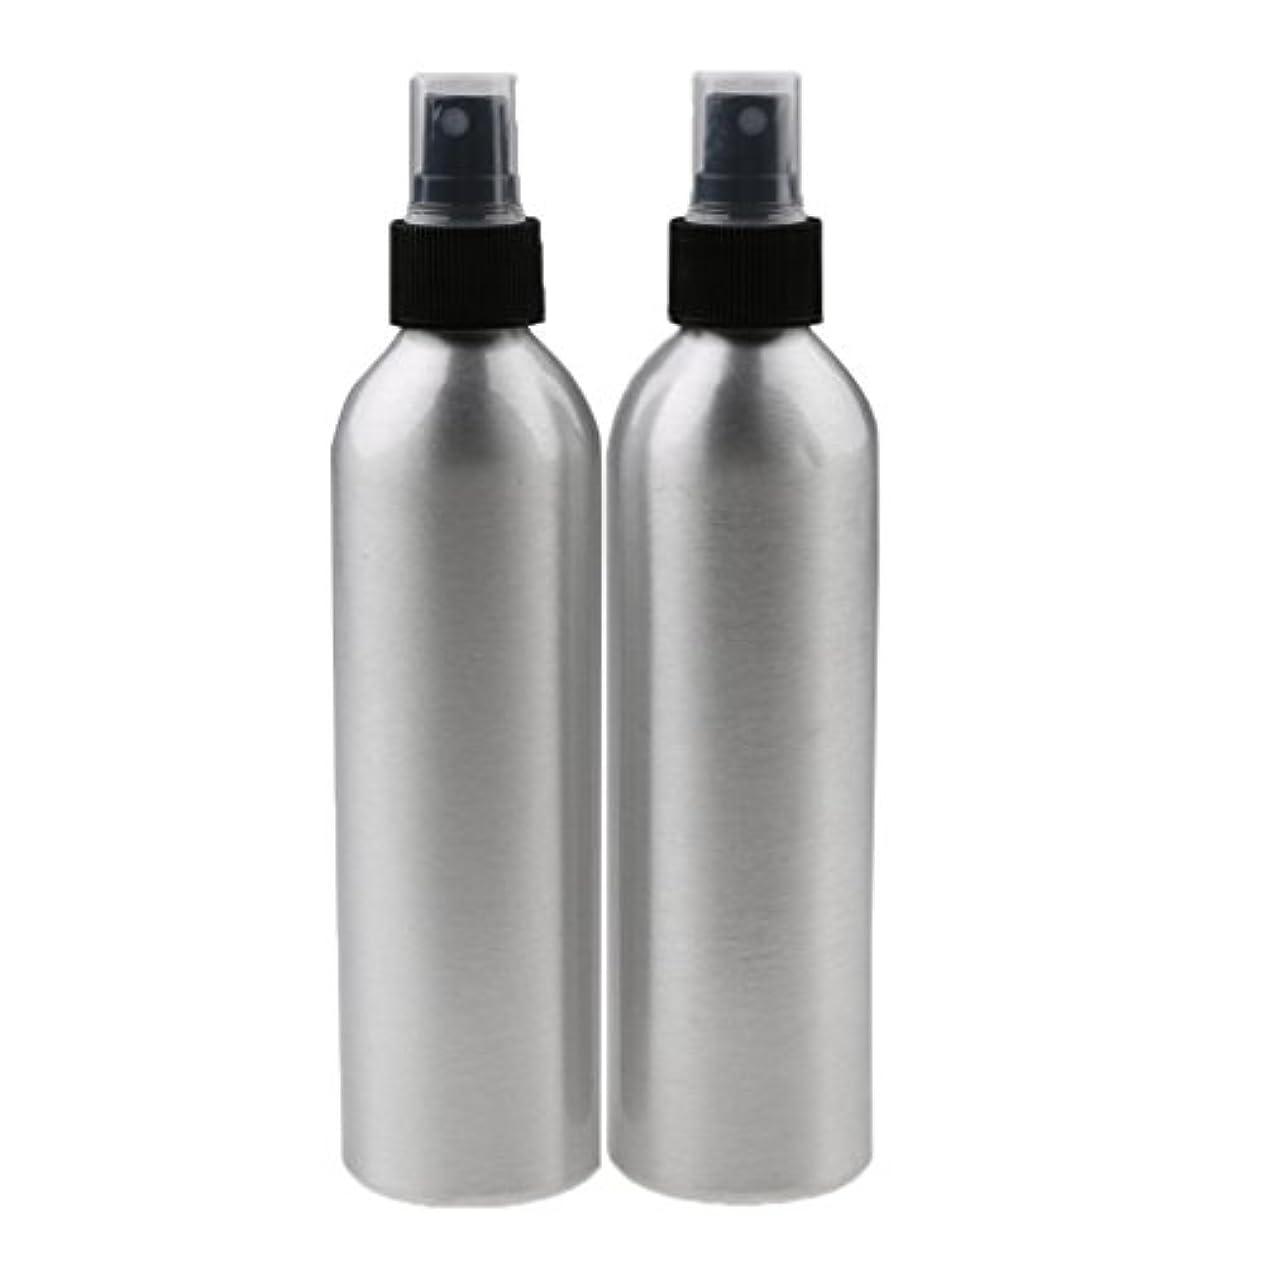 ランチョン多様なピンポイントLovoski 2個入り 旅行 アルミ ミスト スプレー 香水ボトル メイクアップ スプレー アトマイザー 香水瓶 携帯用 軽量 便利  全4サイズ - 100ml